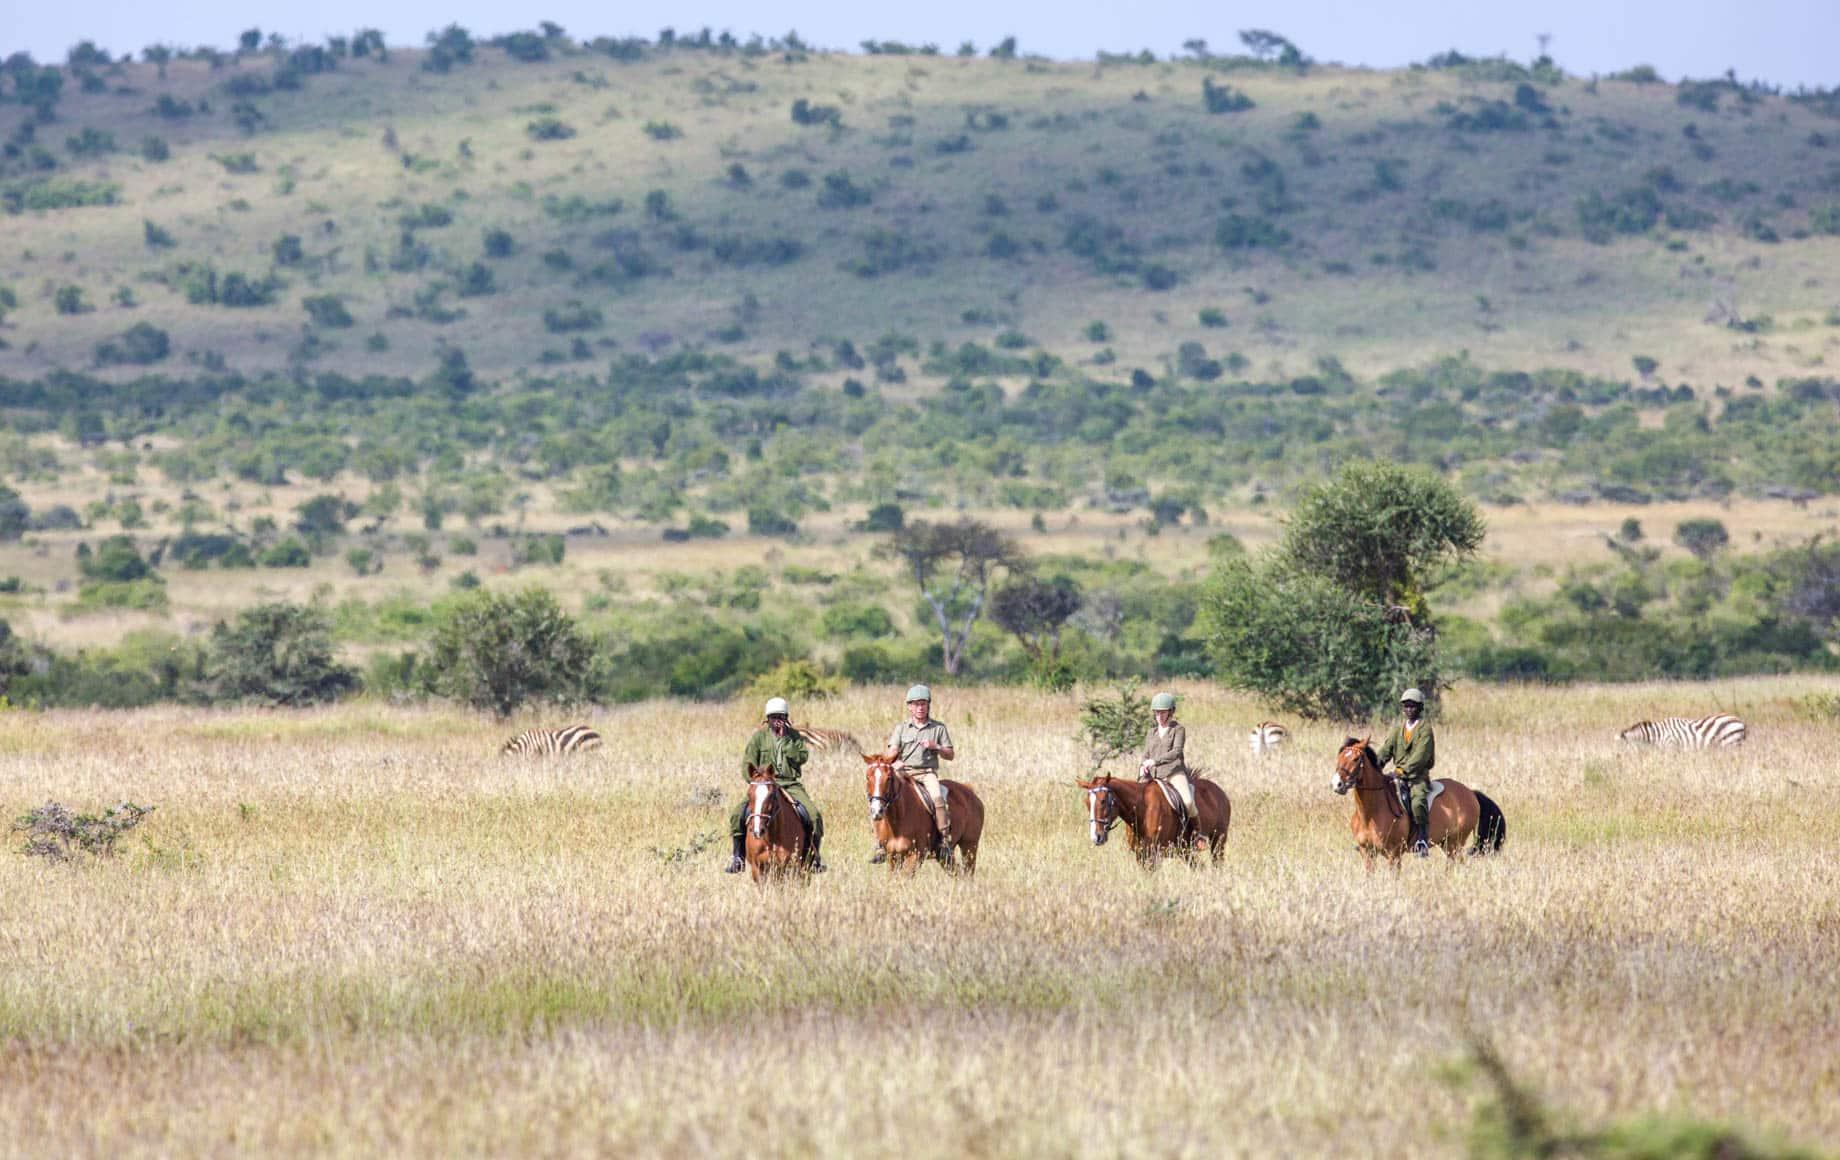 Safari-goers on horseback in Loisaba Conservancy